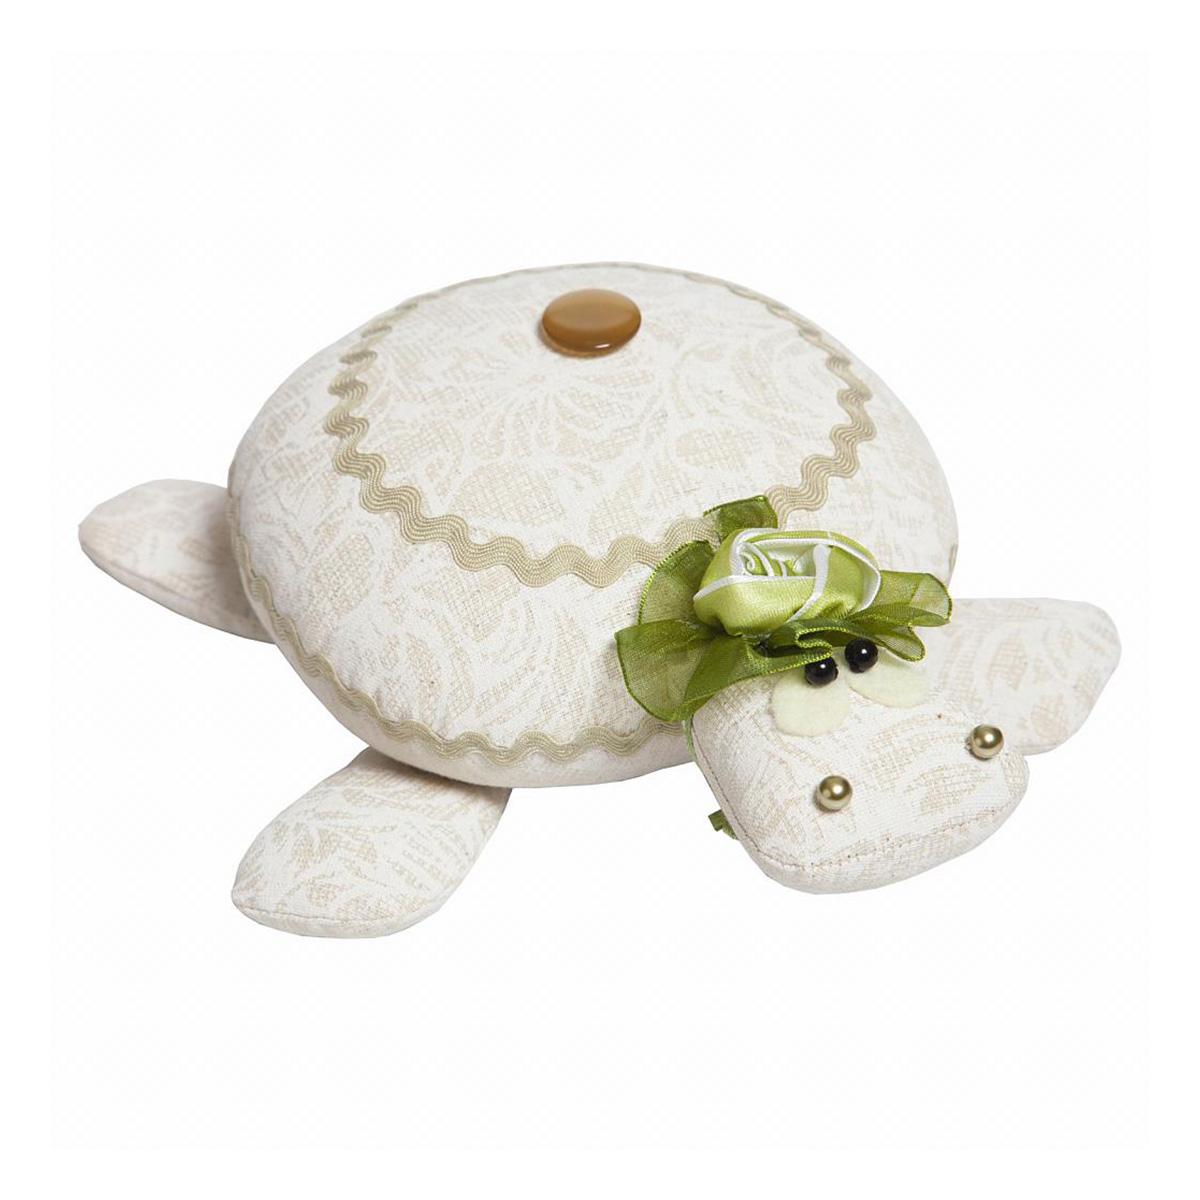 ТК-028 Набор для шитья мягкой игрушки 'Черепашка Зефирка'